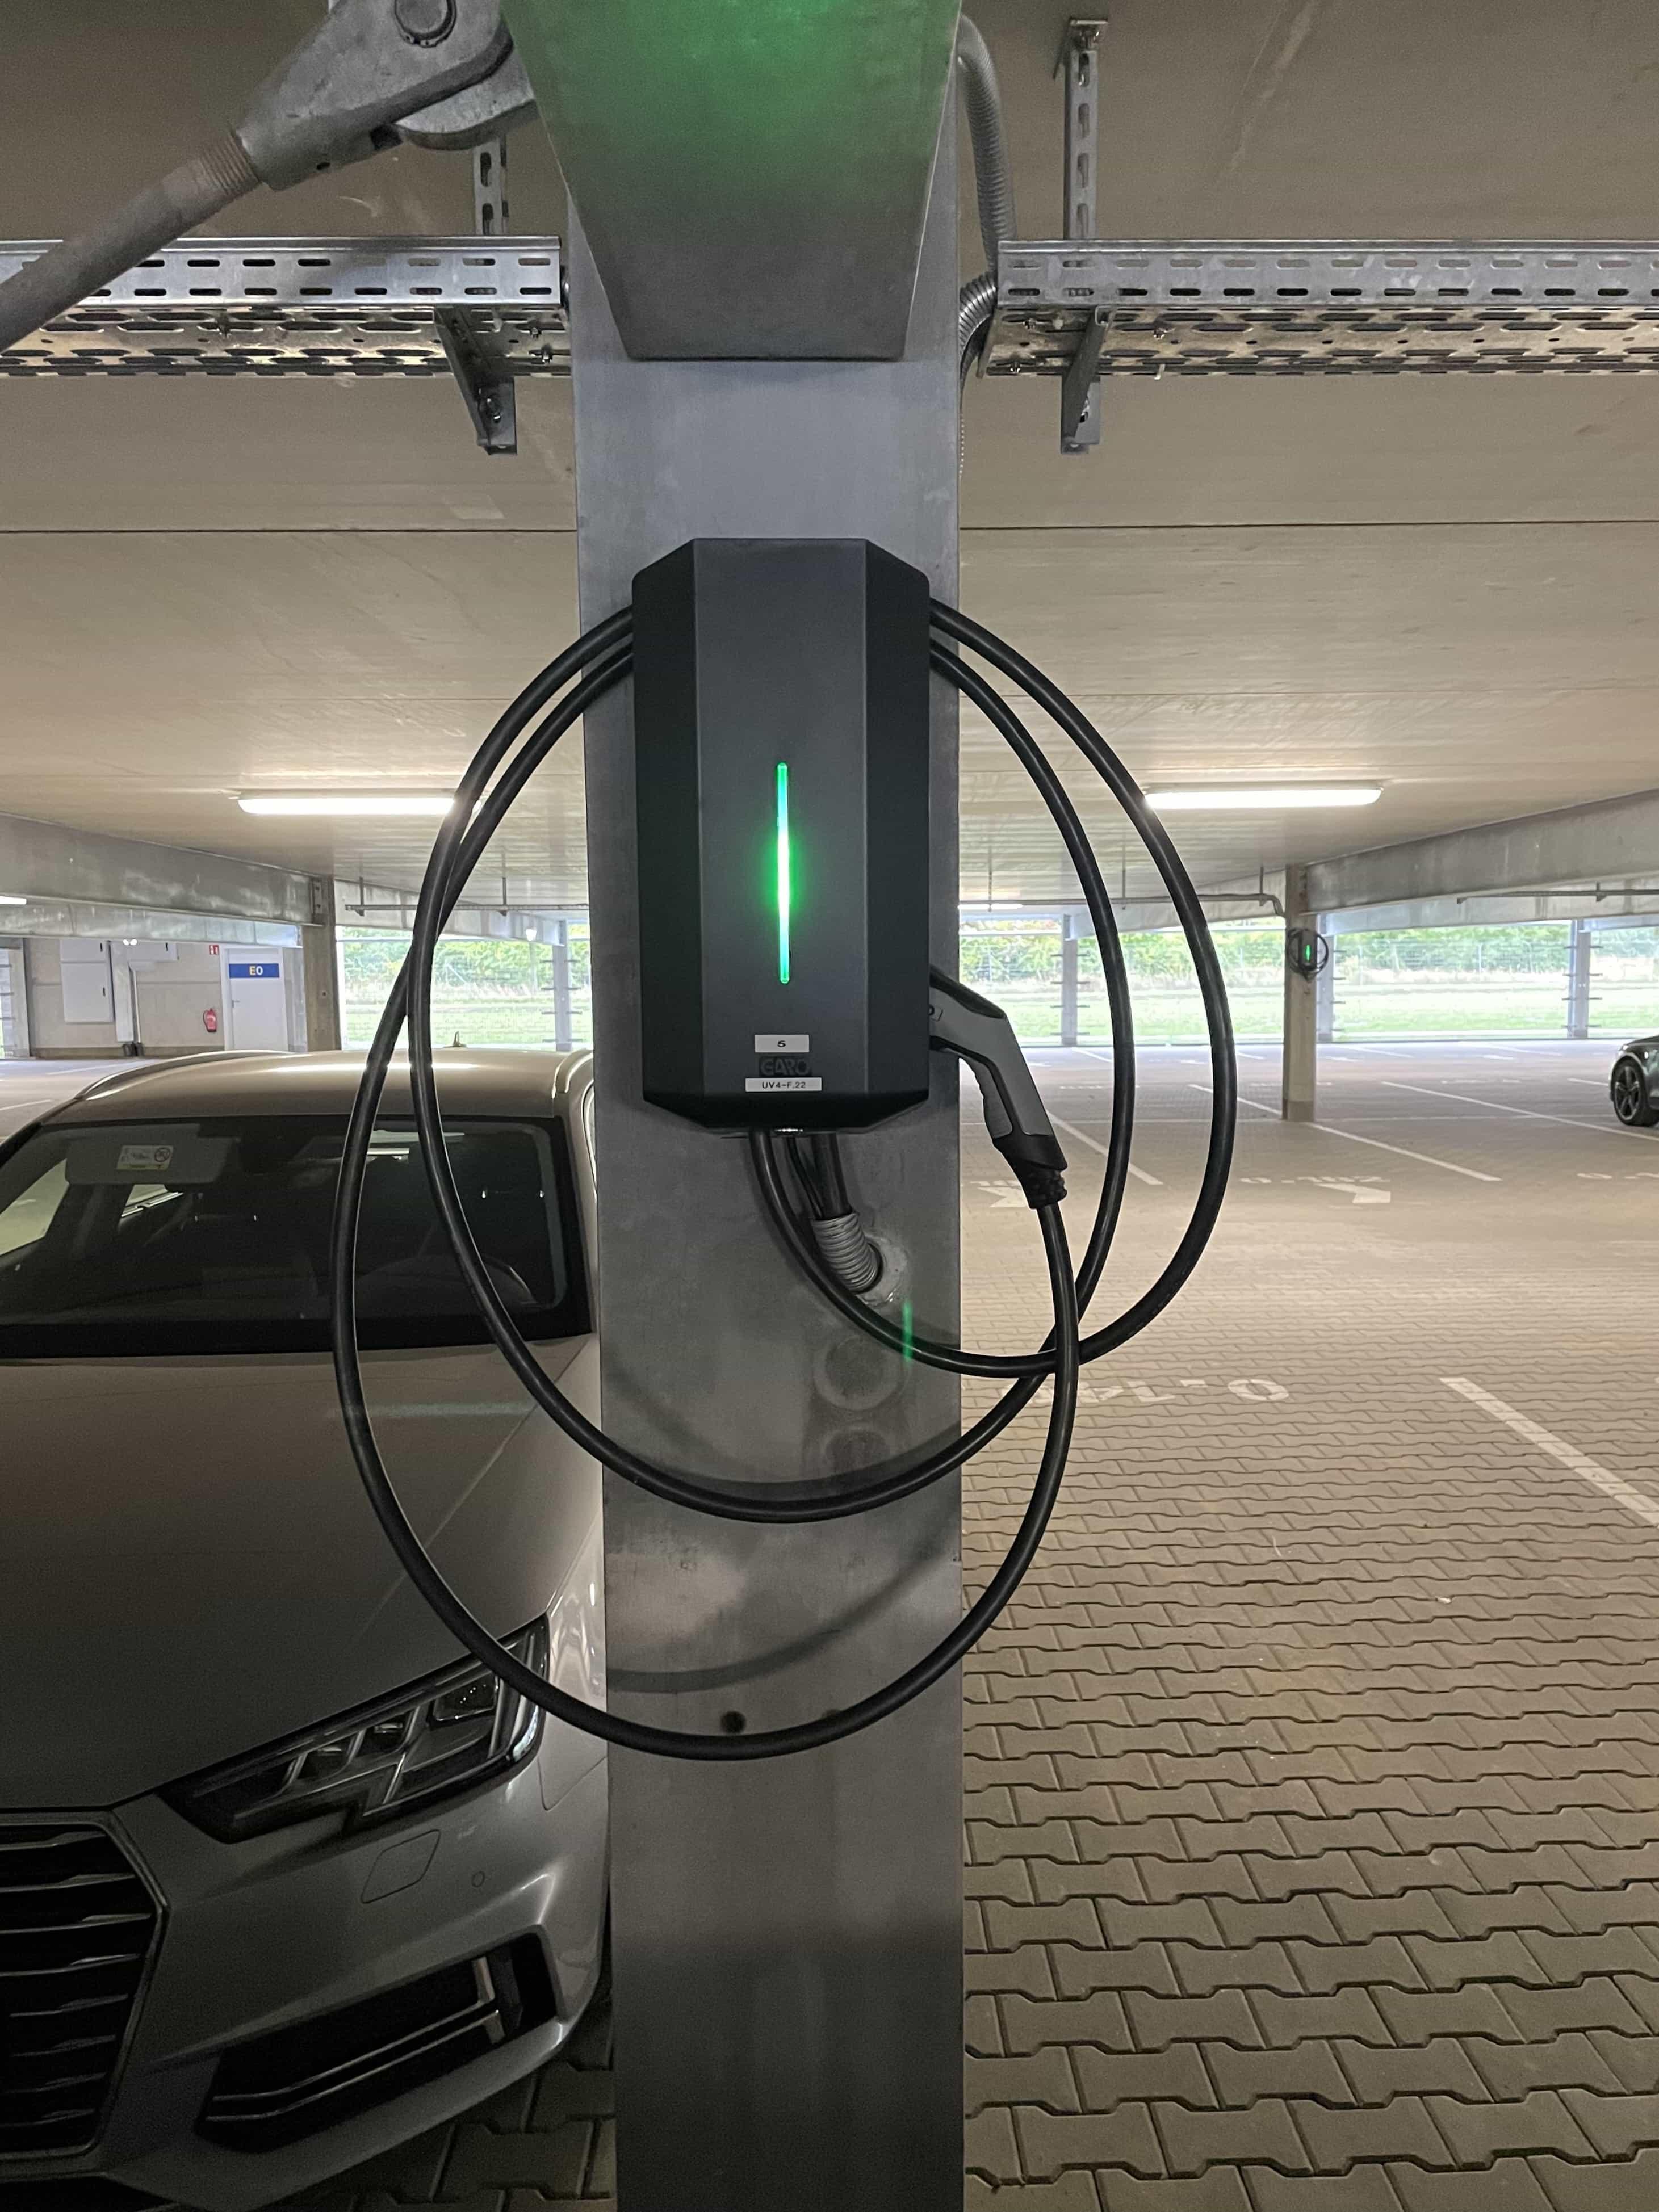 Parkhaus mit Wallbox für E-Autos